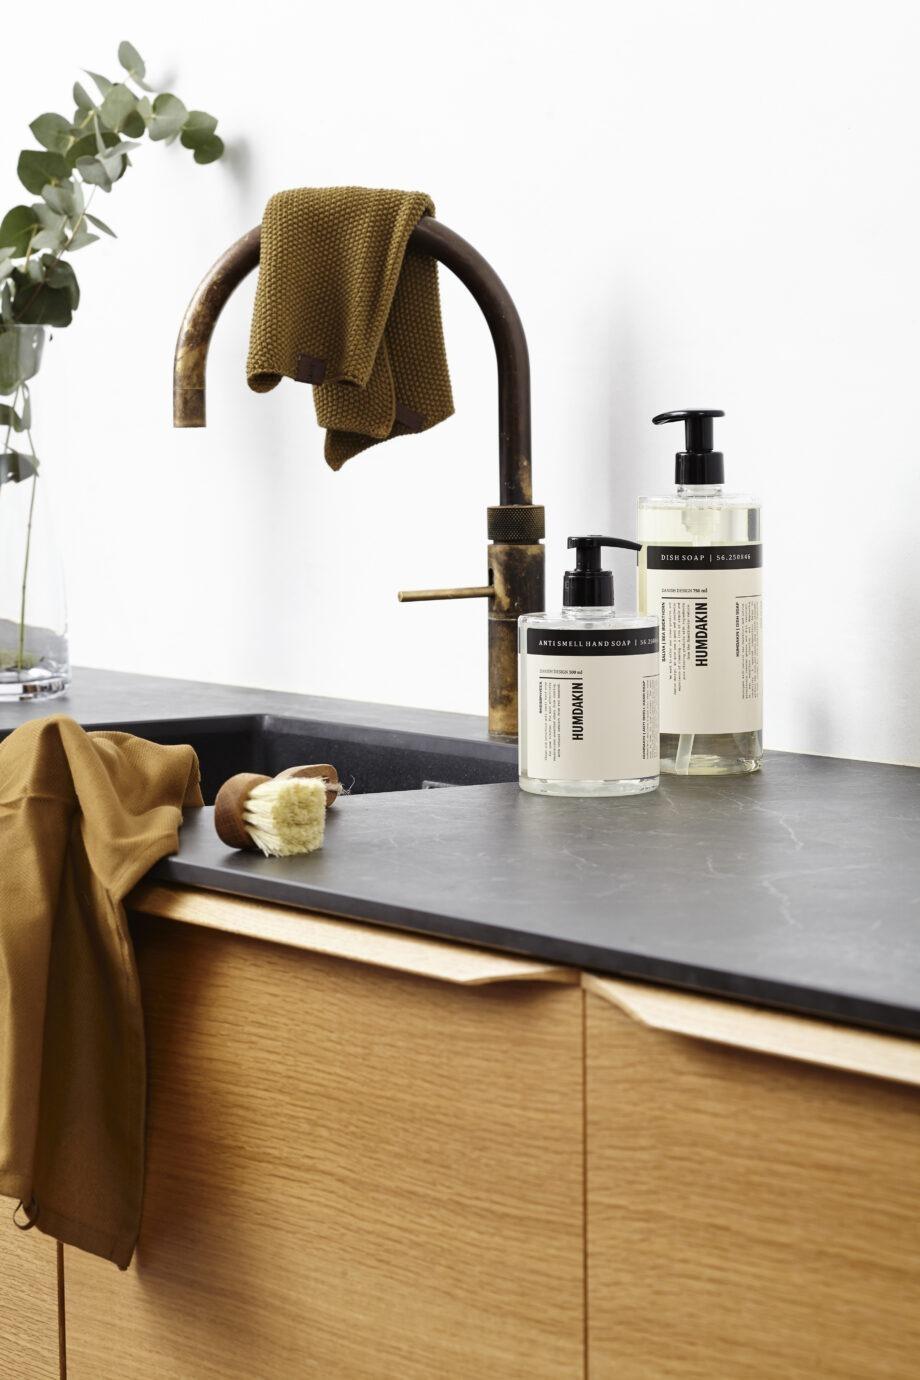 Humdakin afwasmiddel en handzeep in mooie pompfles